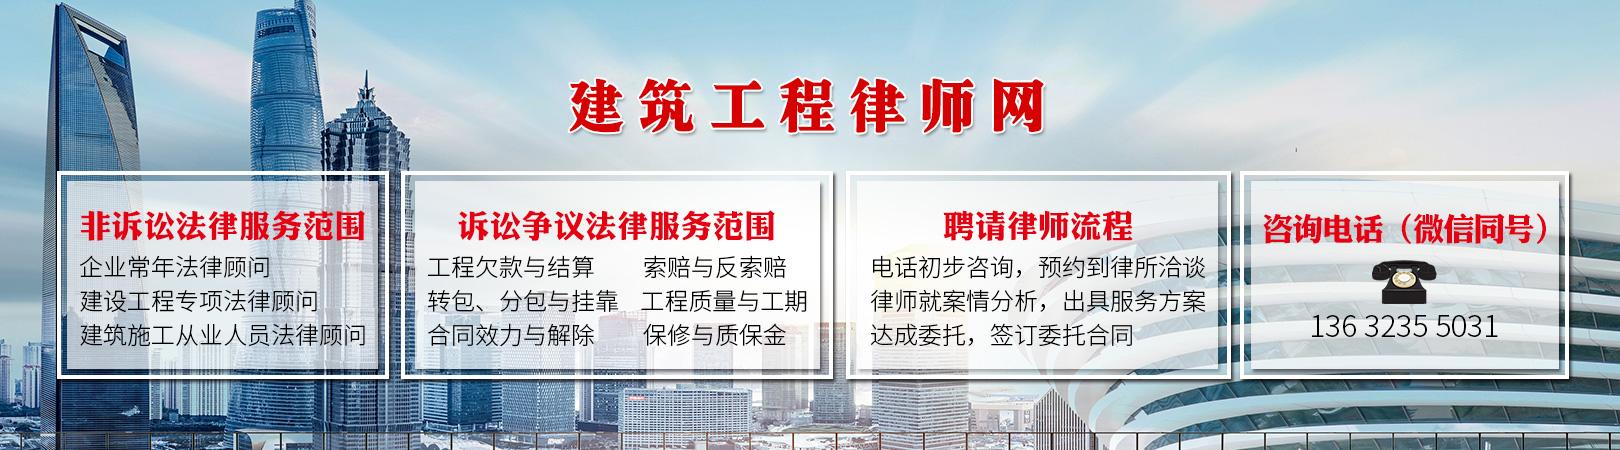 广州建设工程律师